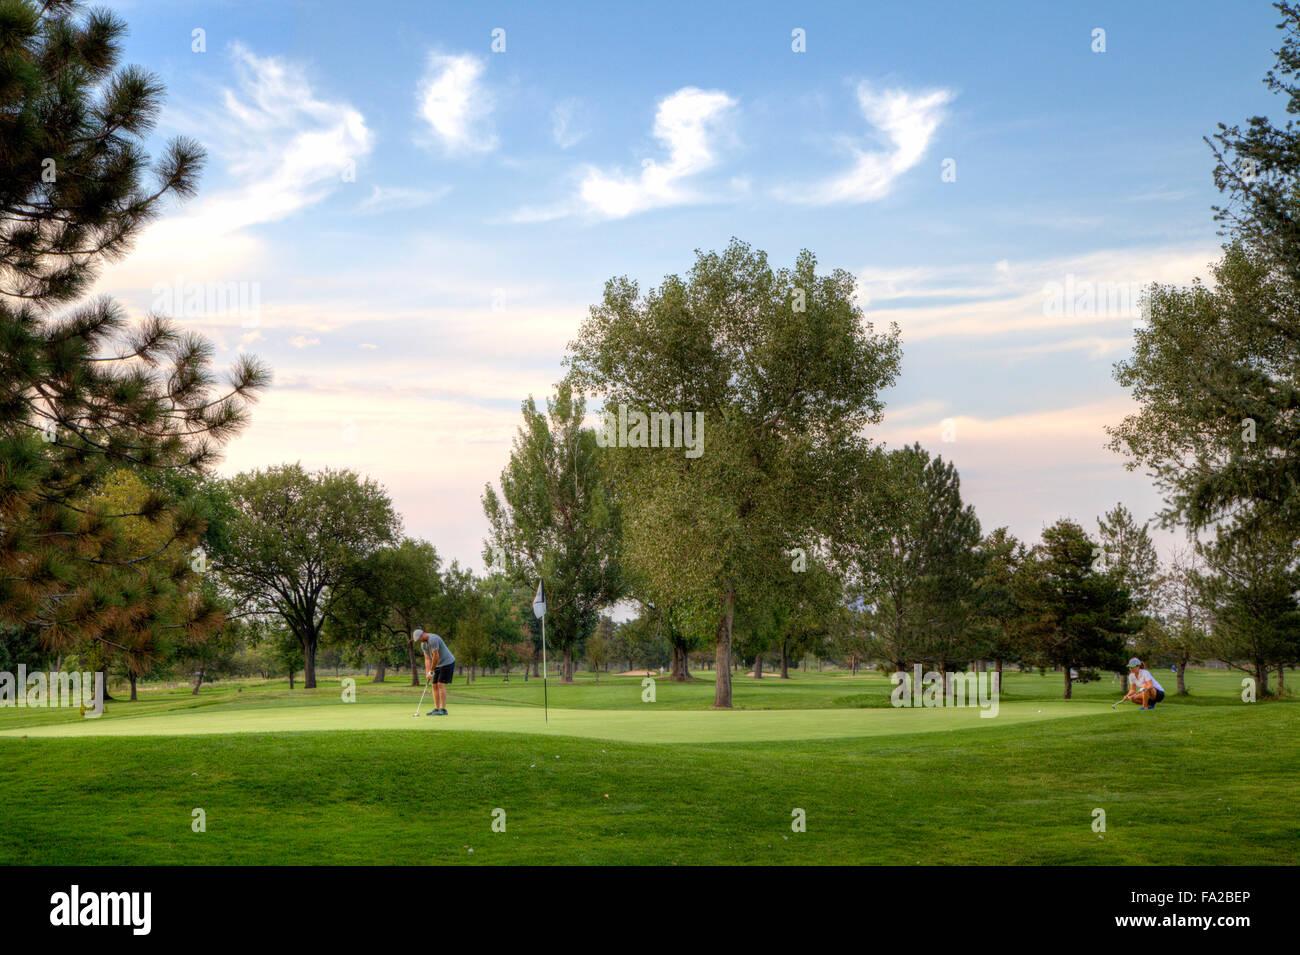 Due golfisti giocando su un golf verde. Immagini Stock